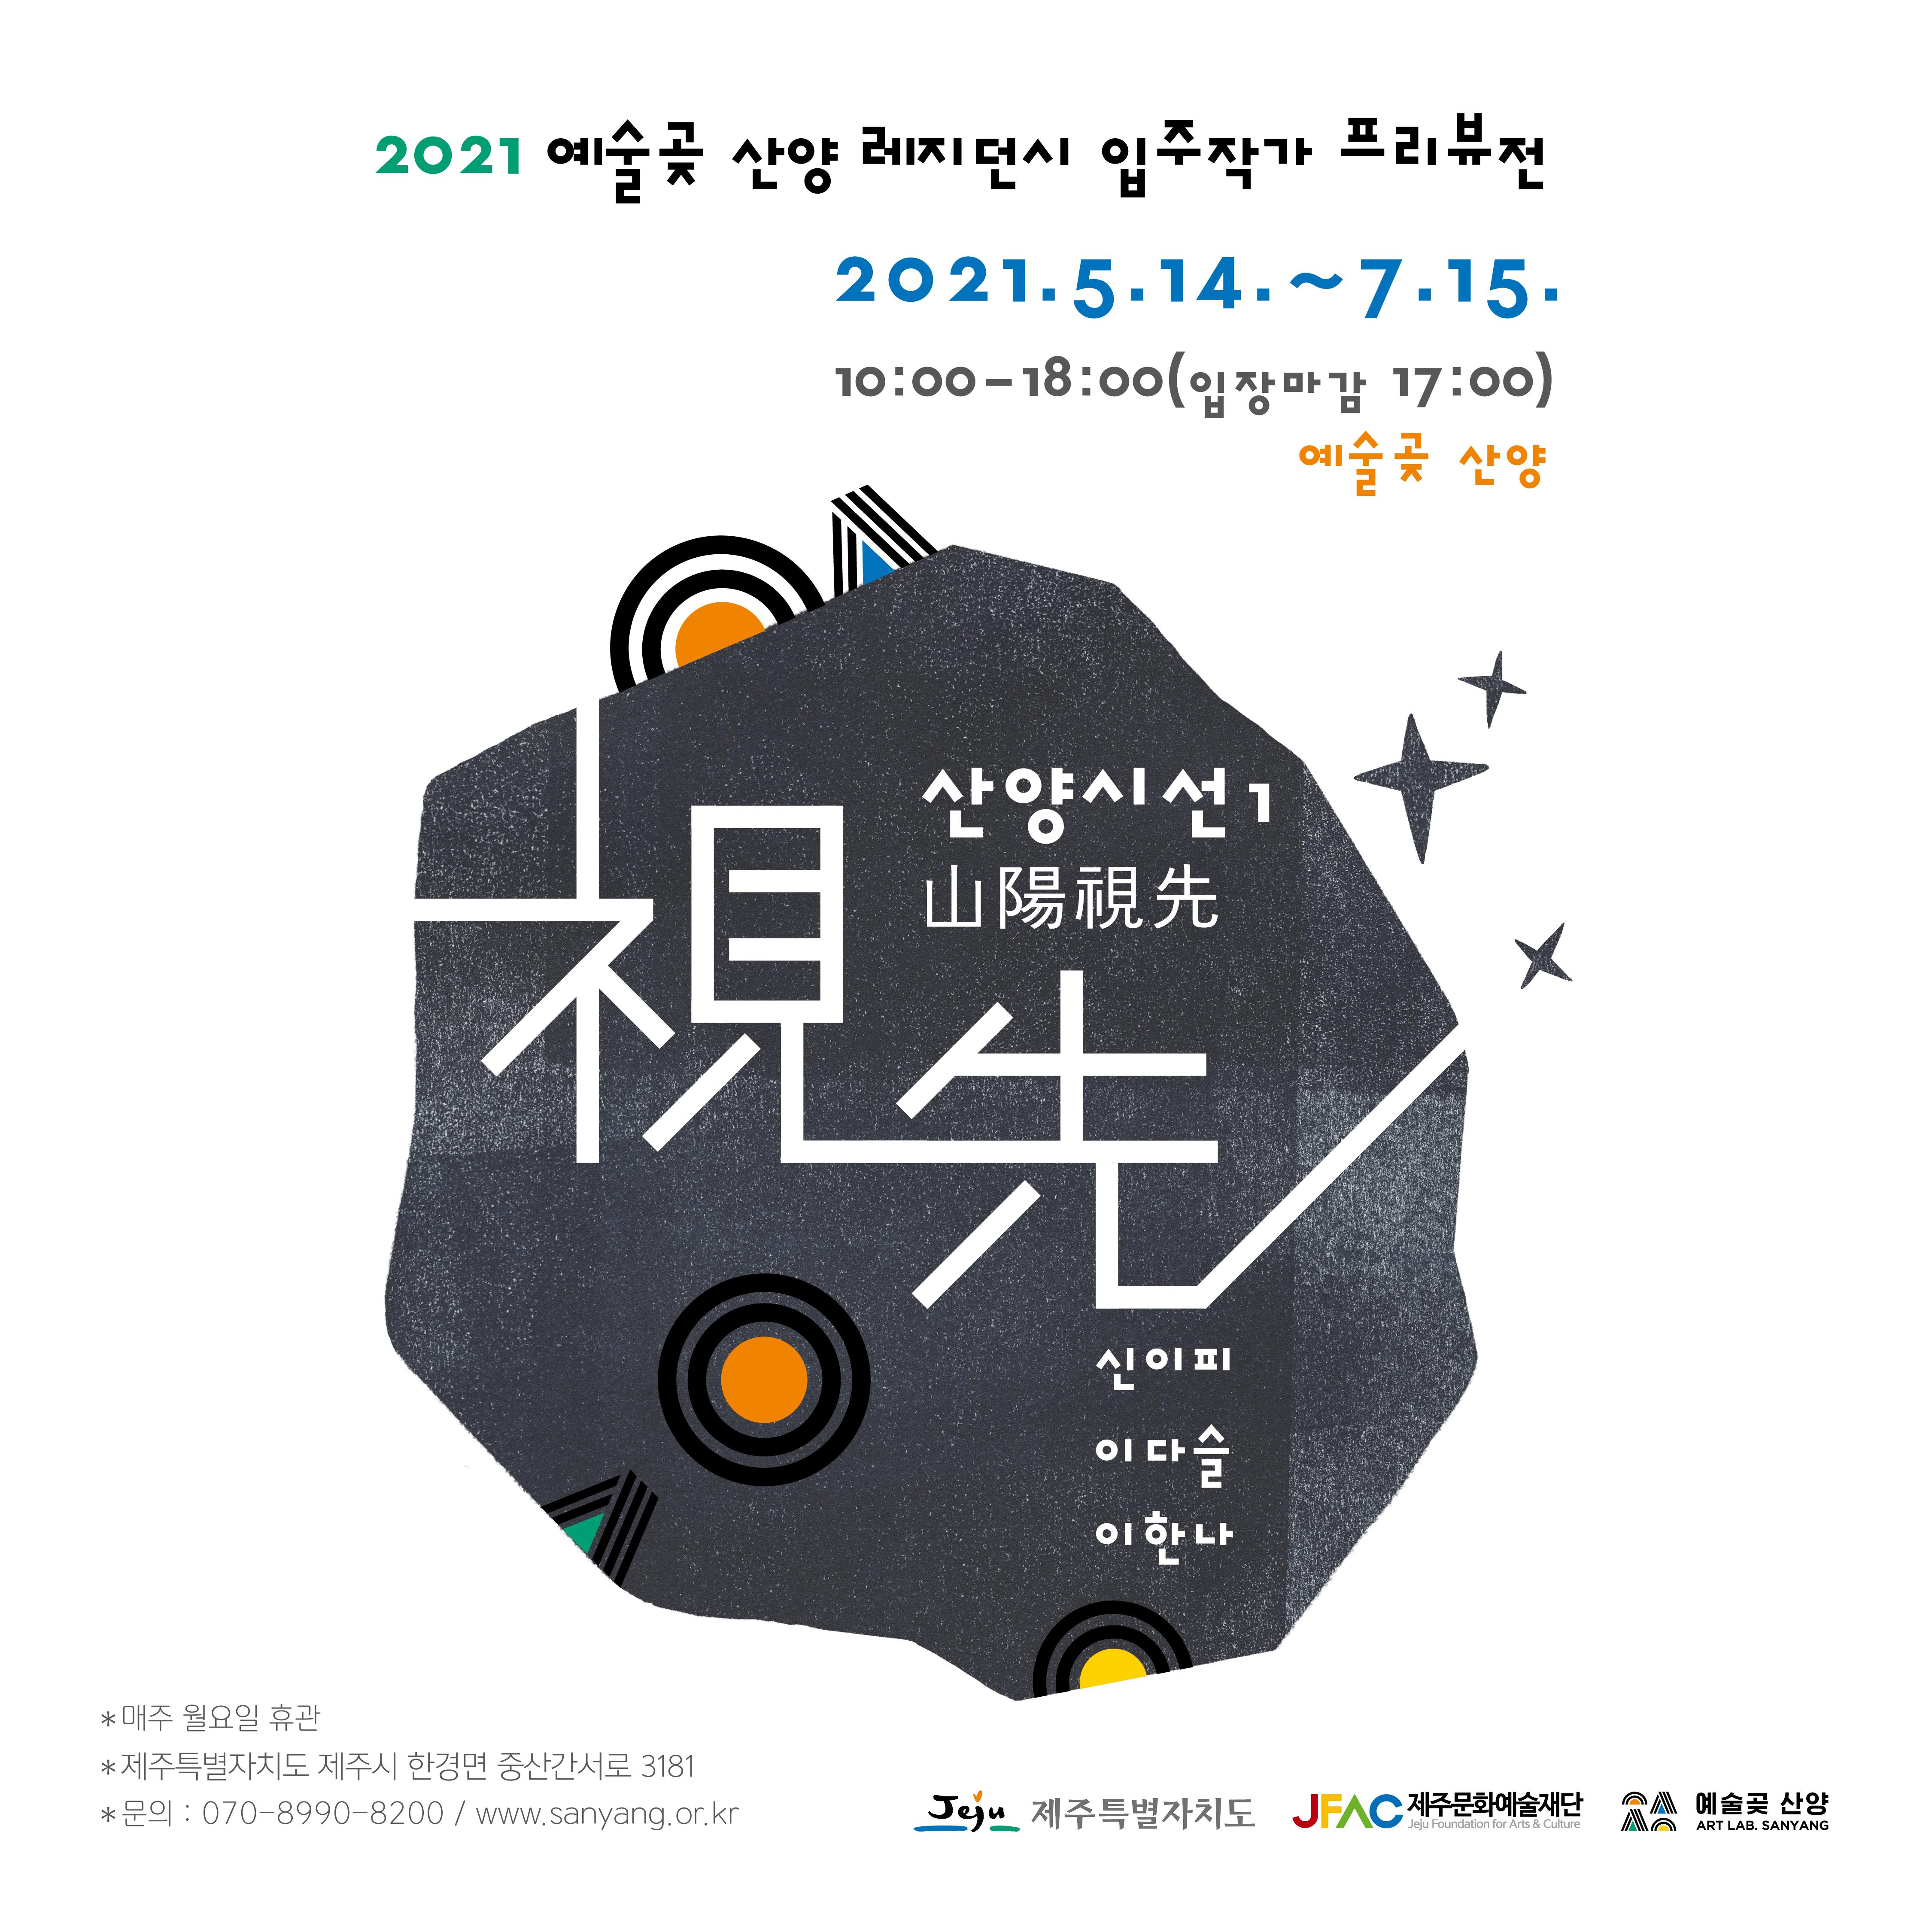 http://www.sanyang.or.kr/data/editor/2105/9eb2caf627160ec0118474e9c37b9d54_1620811304_7294.jpg